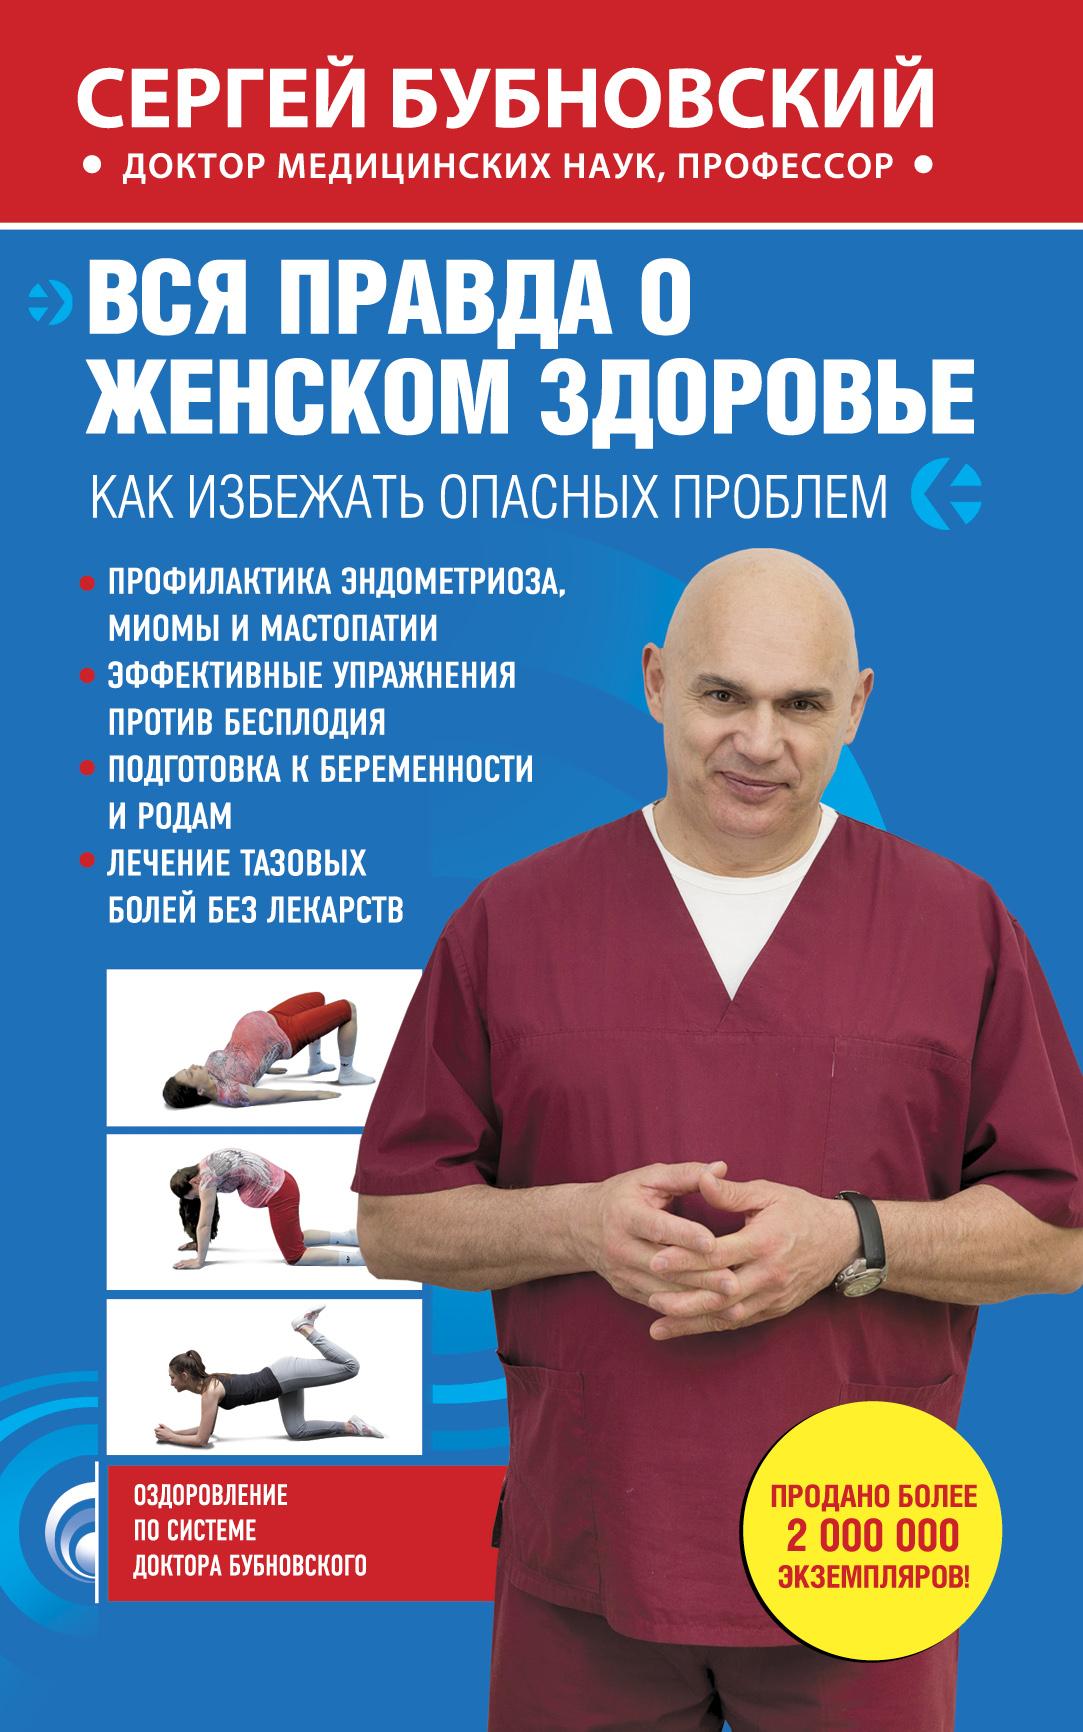 Вся правда о женском здоровье. С. М. Бубновский